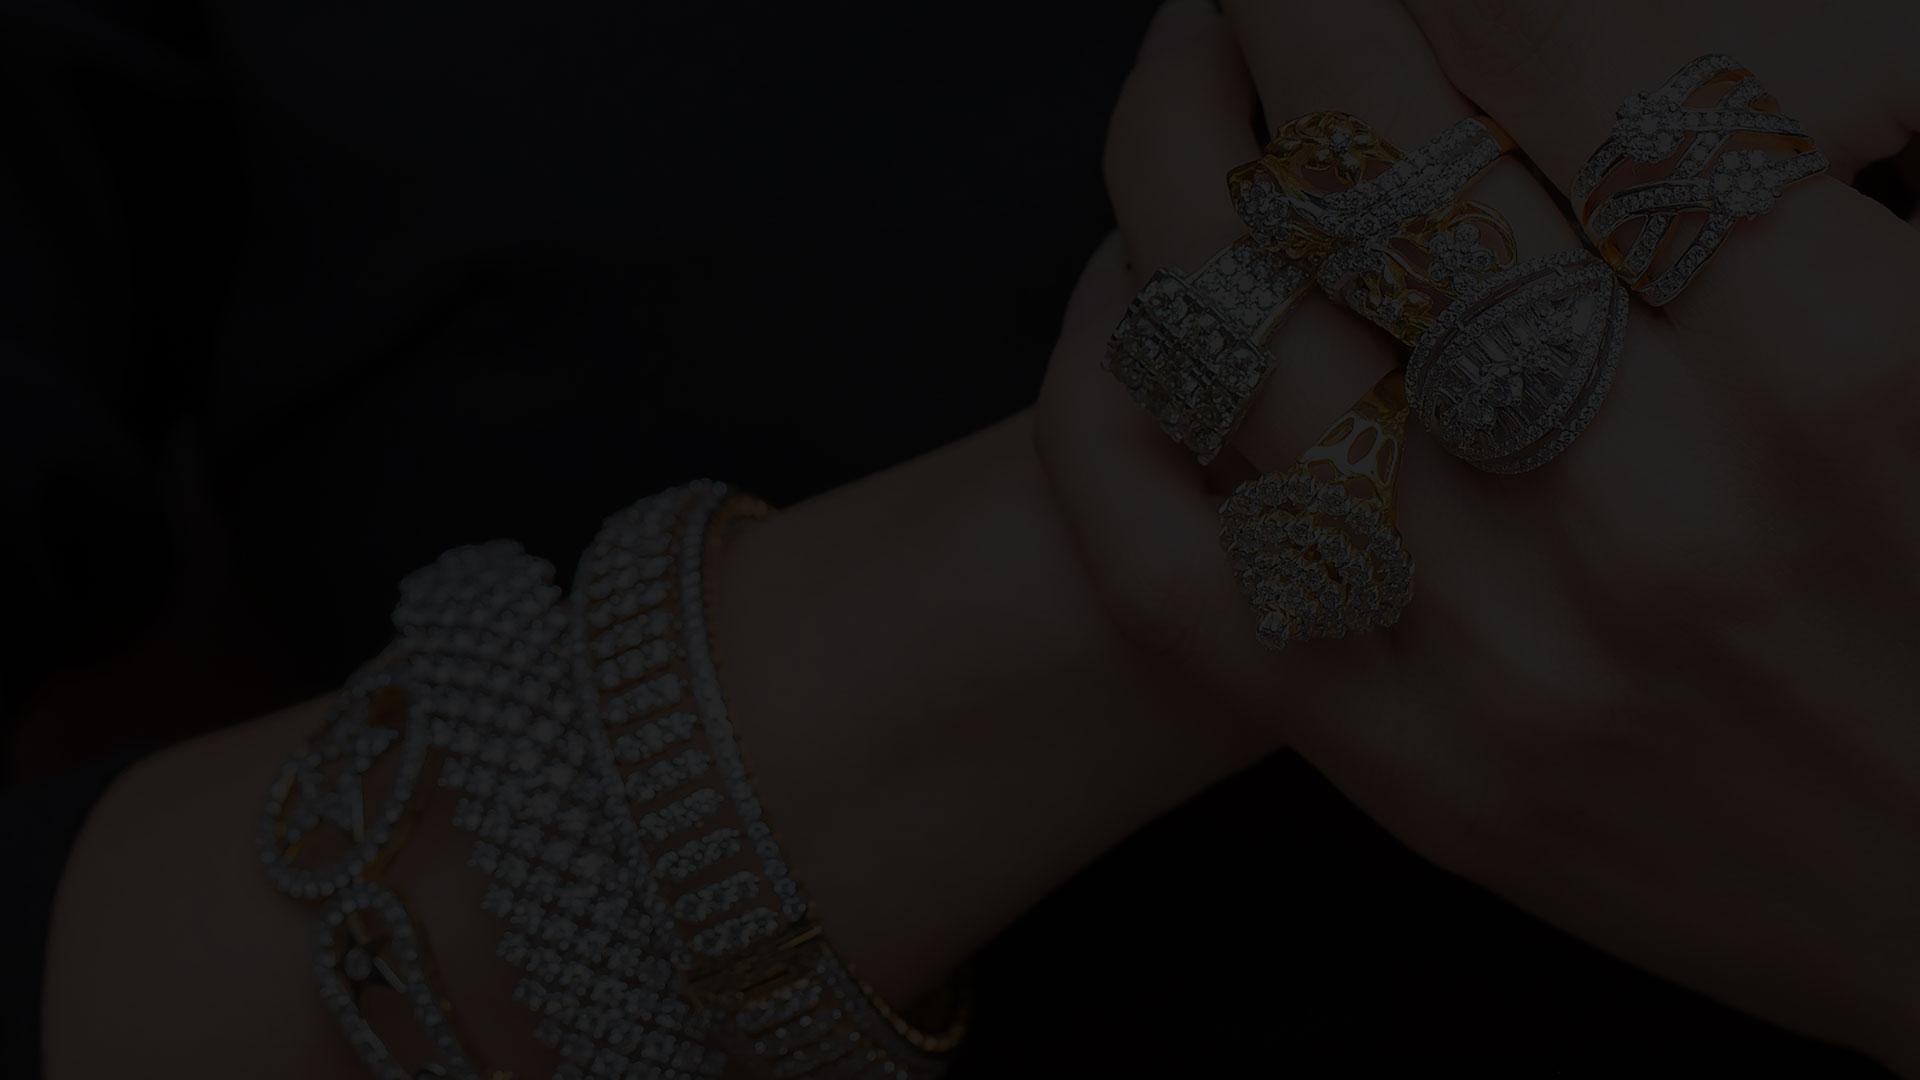 انگشتر و دستبند جواهر در دست خانم- آژانس تبلیغات کربن- تبلیغات دیجیتال- دیجیتال مارکتینگ